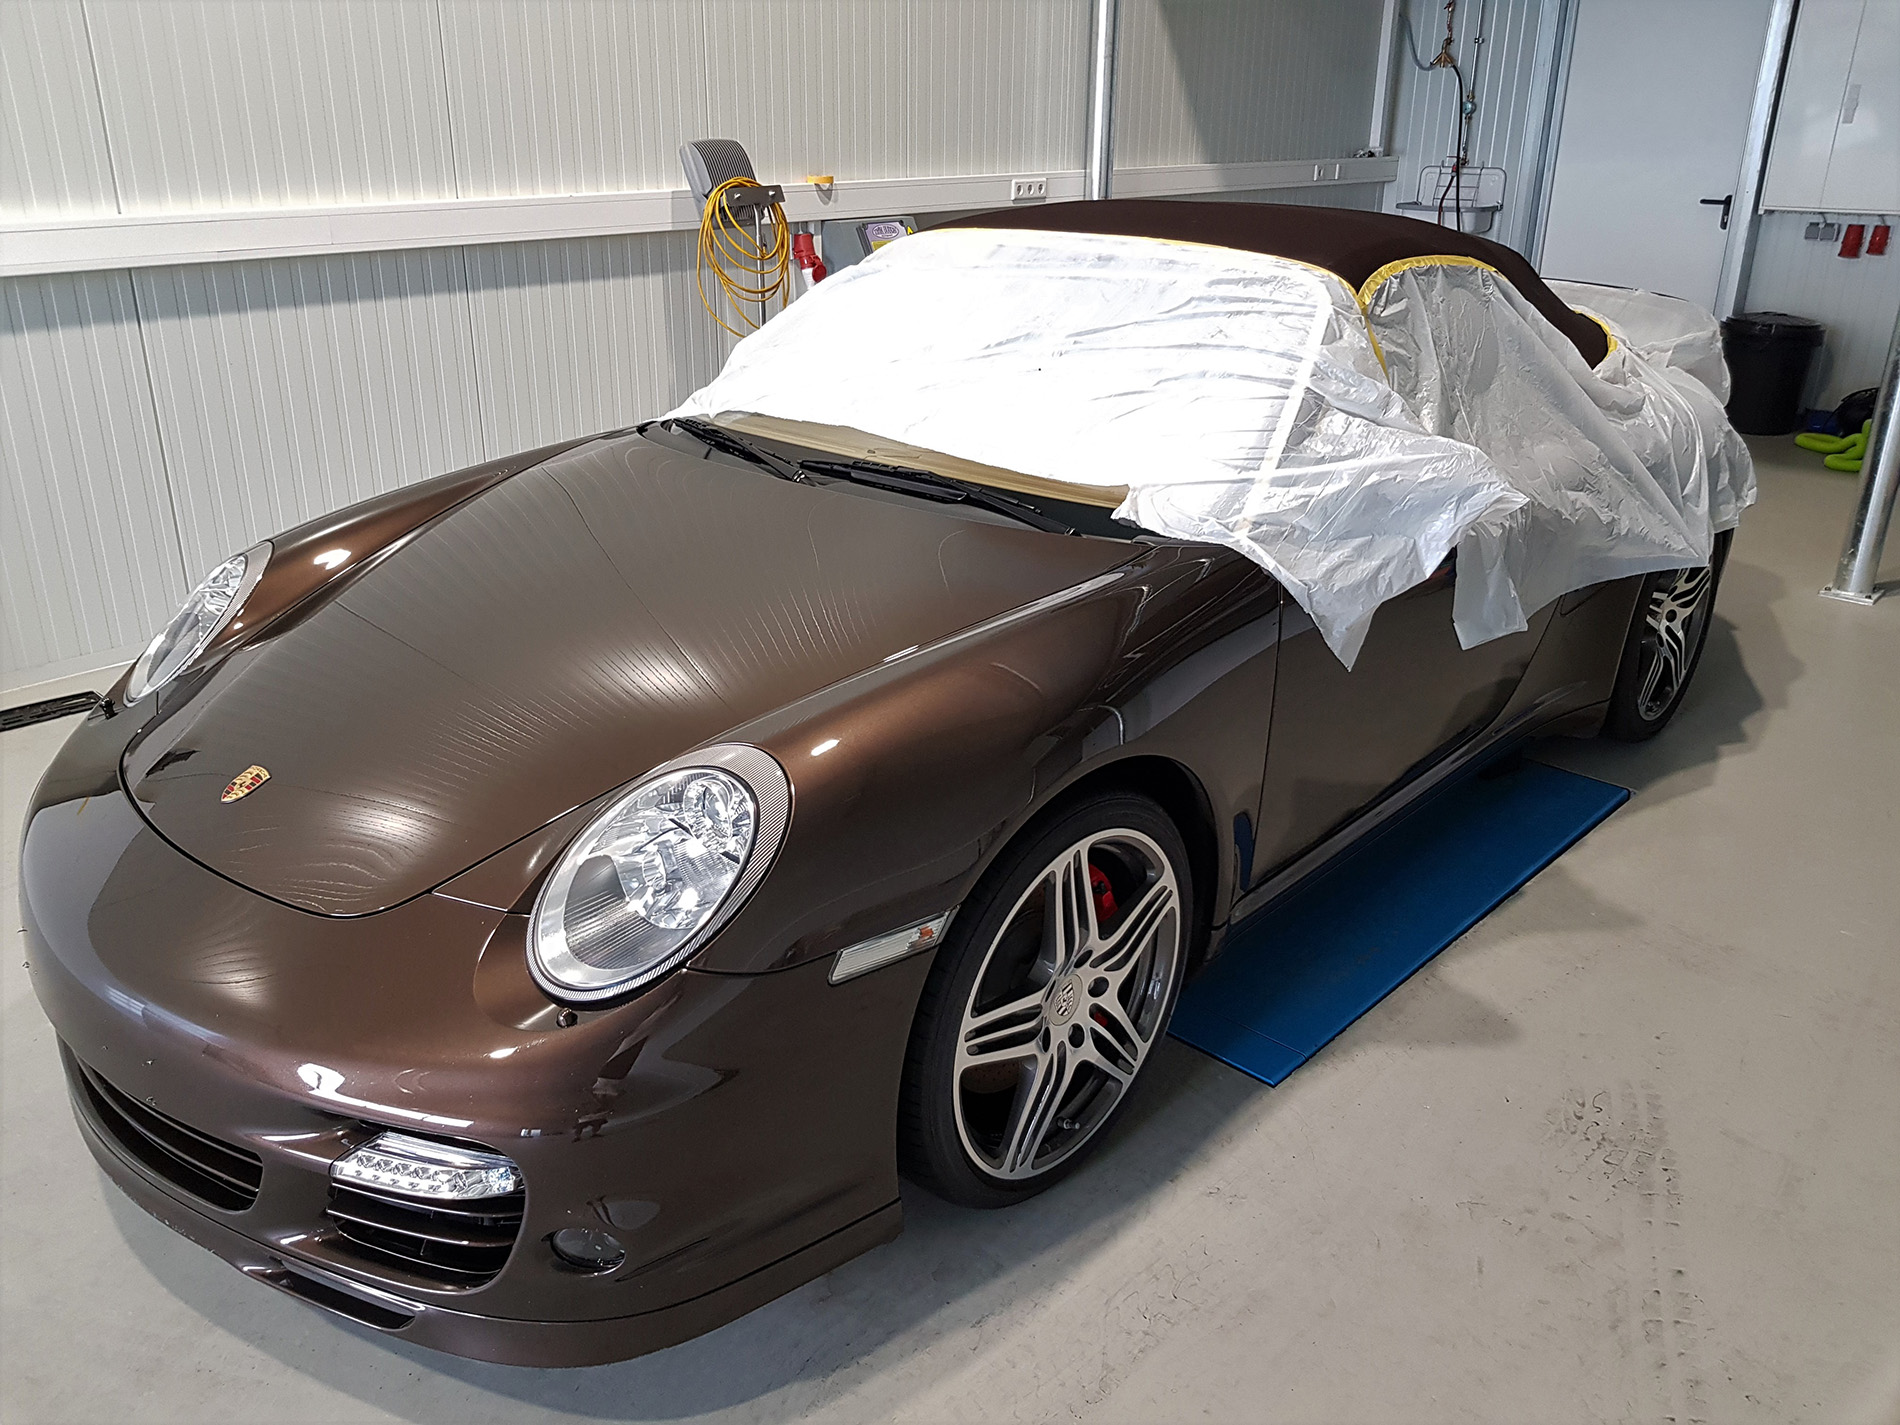 Autopflege Porsche 997 Turbo Cabrio